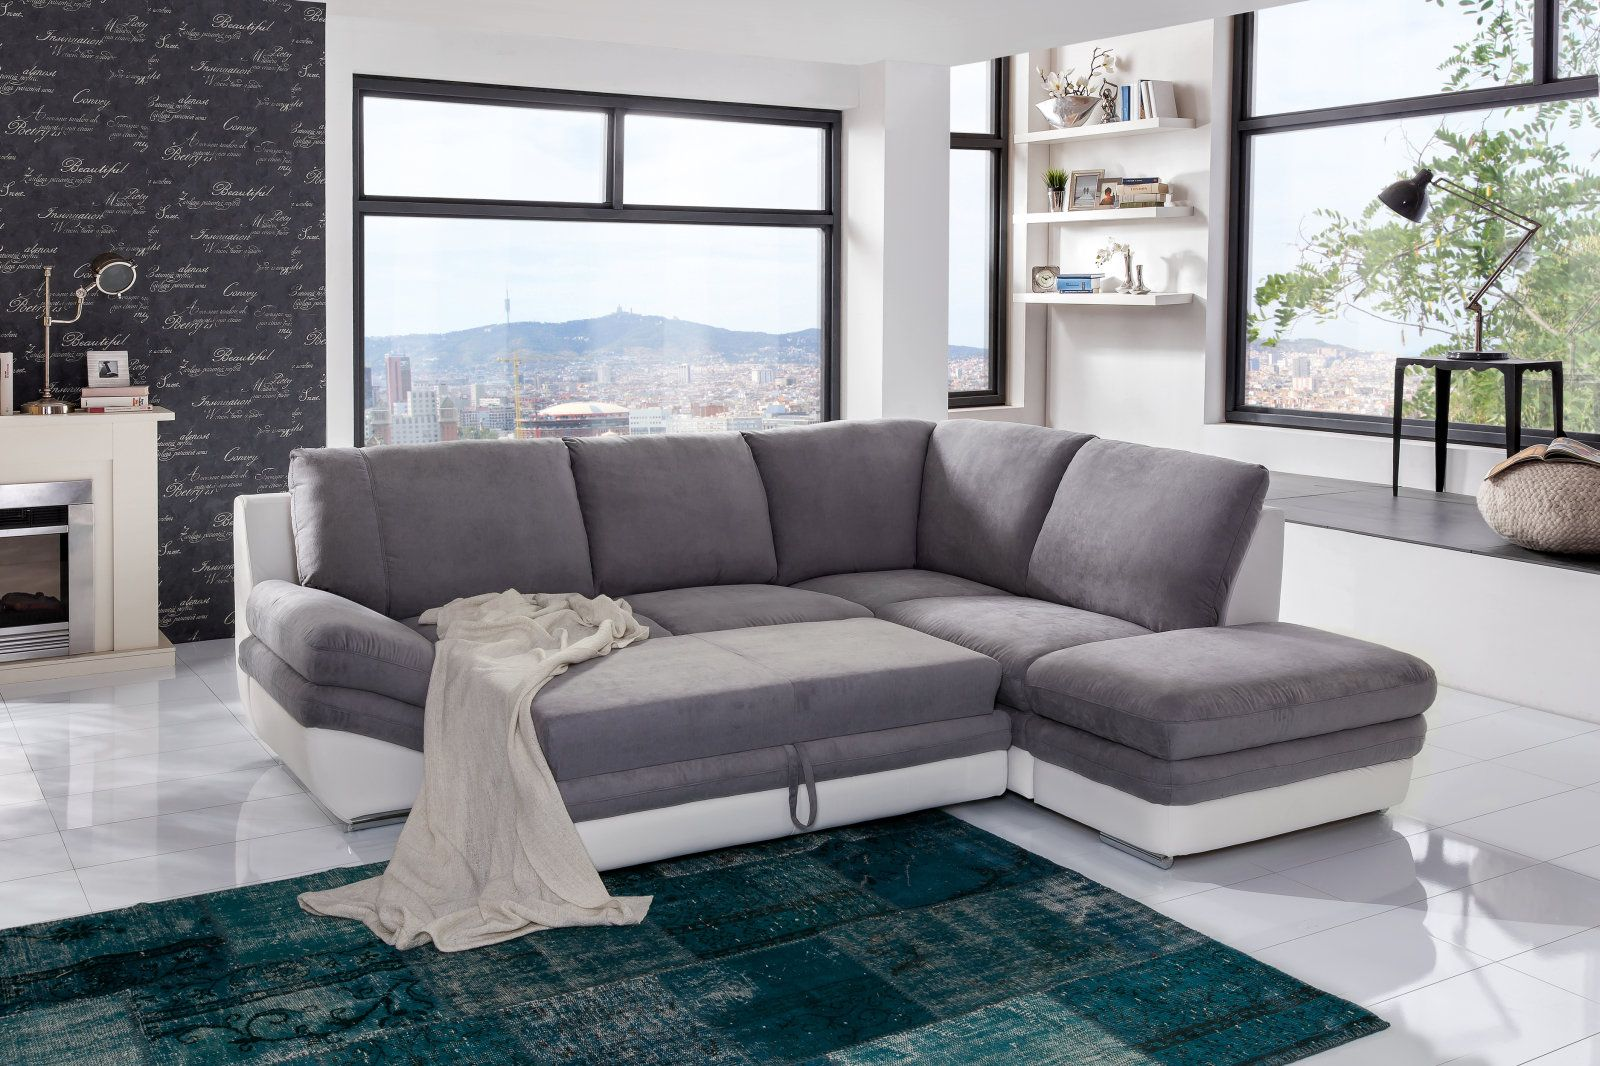 Polsterecke Grau Weiss Liegefunktion Staukasten Recamiere Rechts Couch Mobel Polsterecke Und Ecksofas